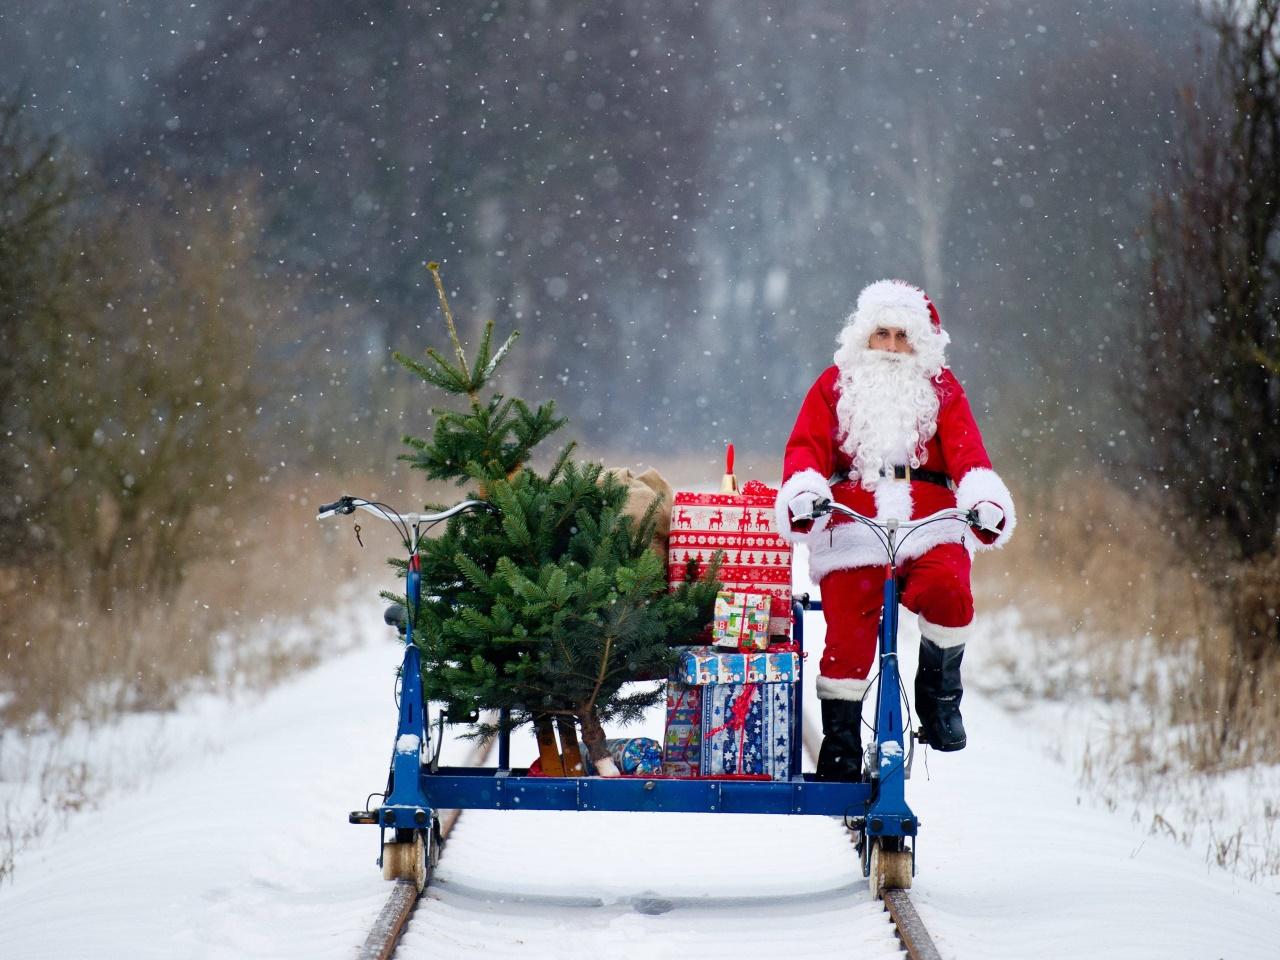 Soll der Weihnachtsbaum echt sein?